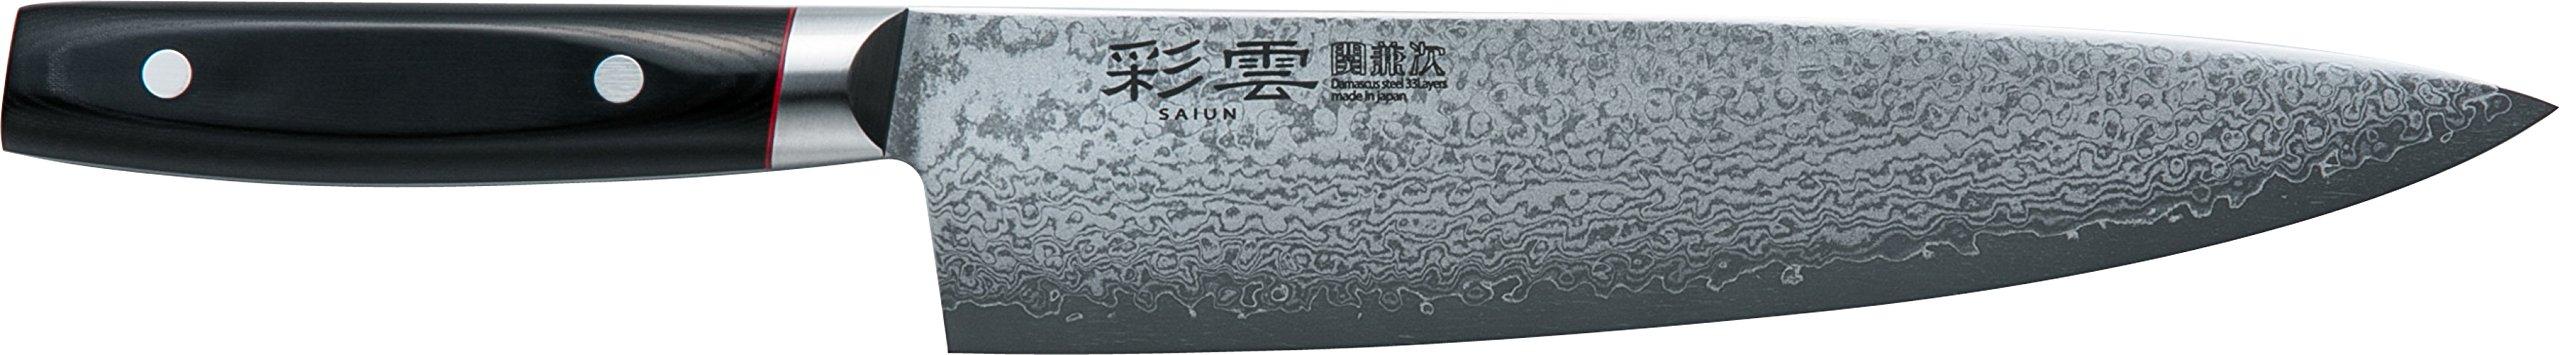 関兼次 Seki Kenji Hamono Japanese Knife ''Saiun'' Damascus Steel Stainless VG-10 Made in Japan (Beef Sword 230mm) Made in Japan